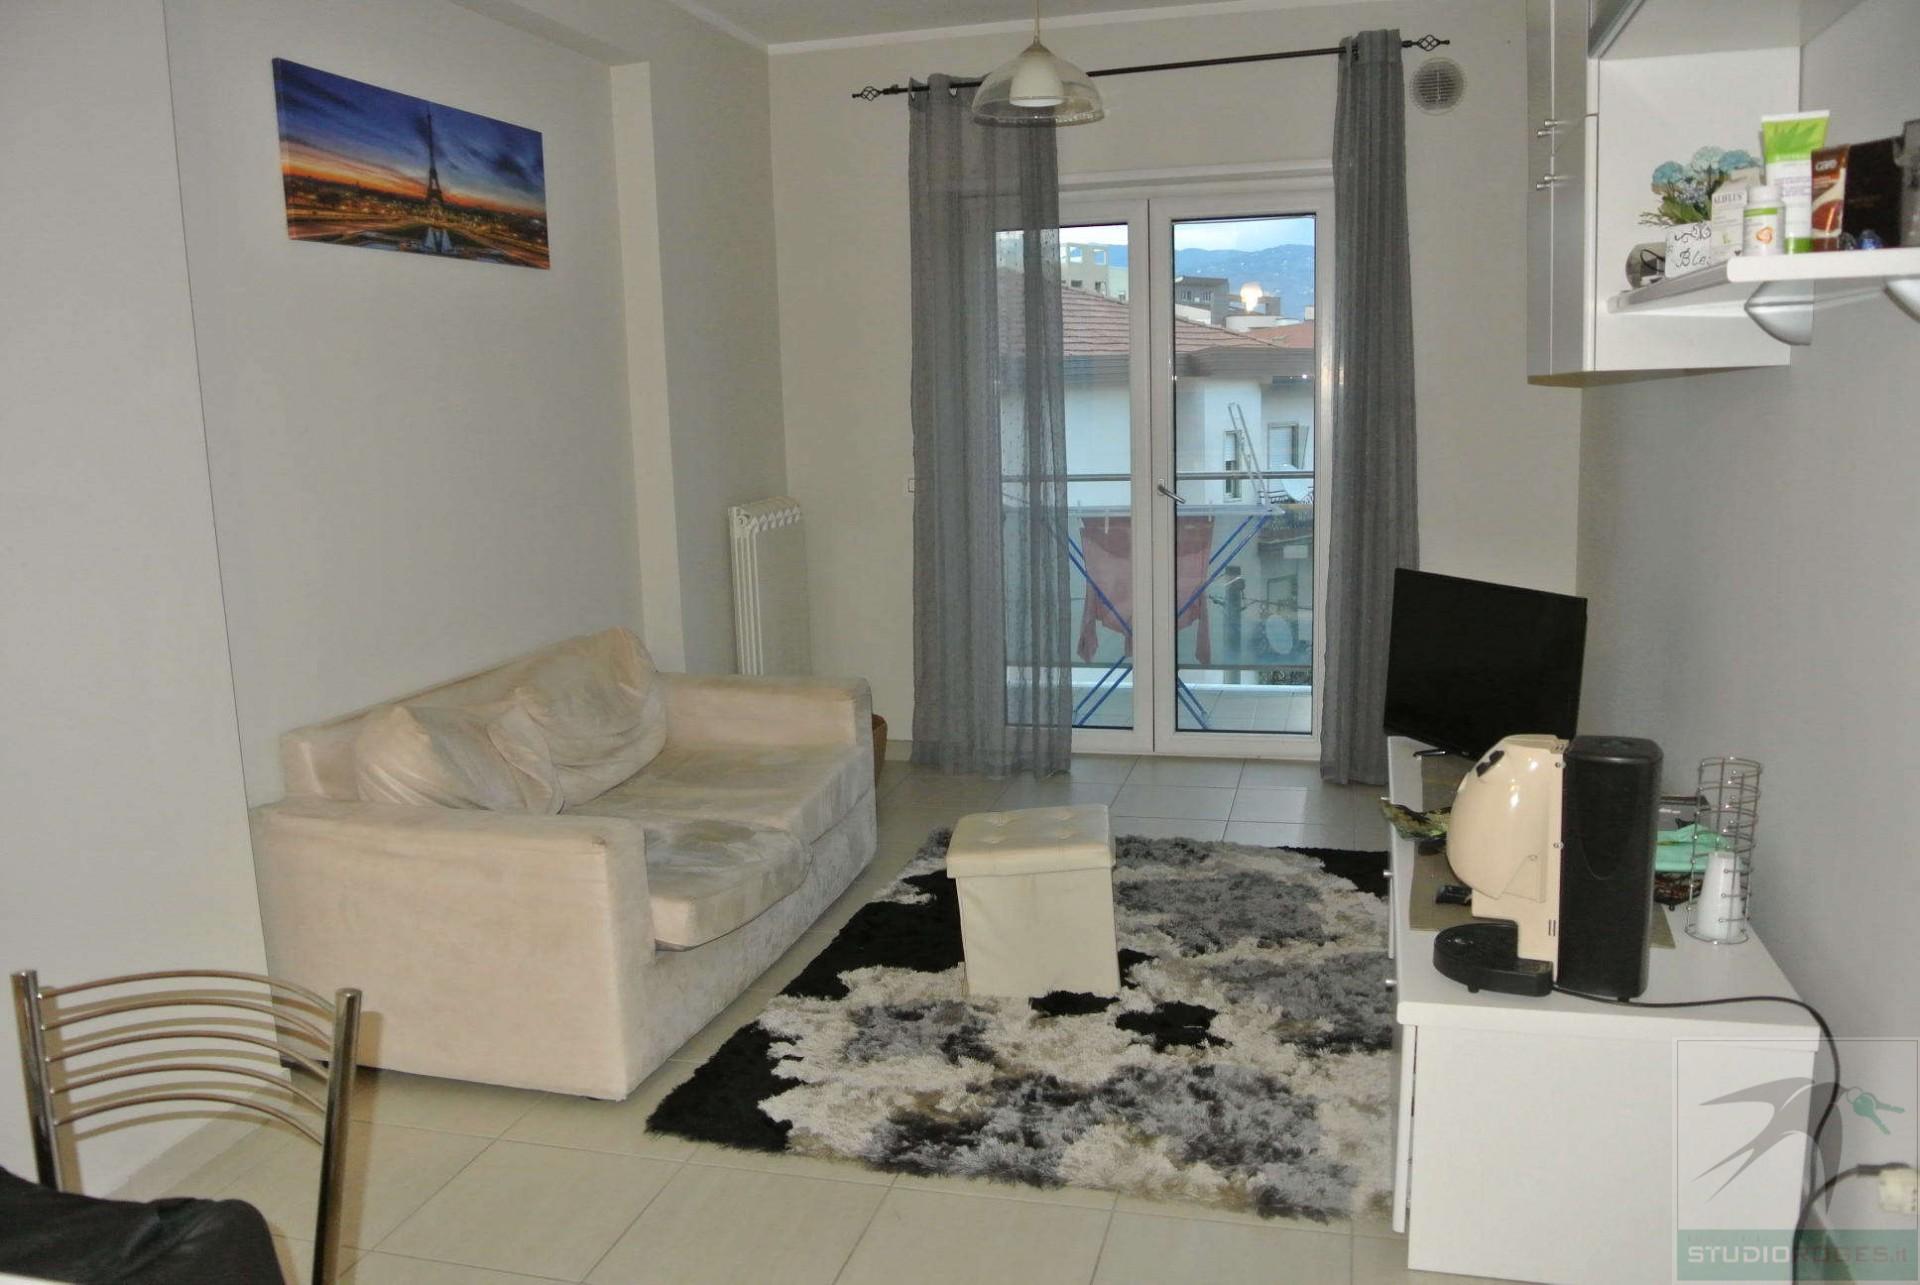 Appartamento in Affitto 60,00 mq - N. camere: 2 - - Rende - Quattromiglia-Viale dei giardini (CS)